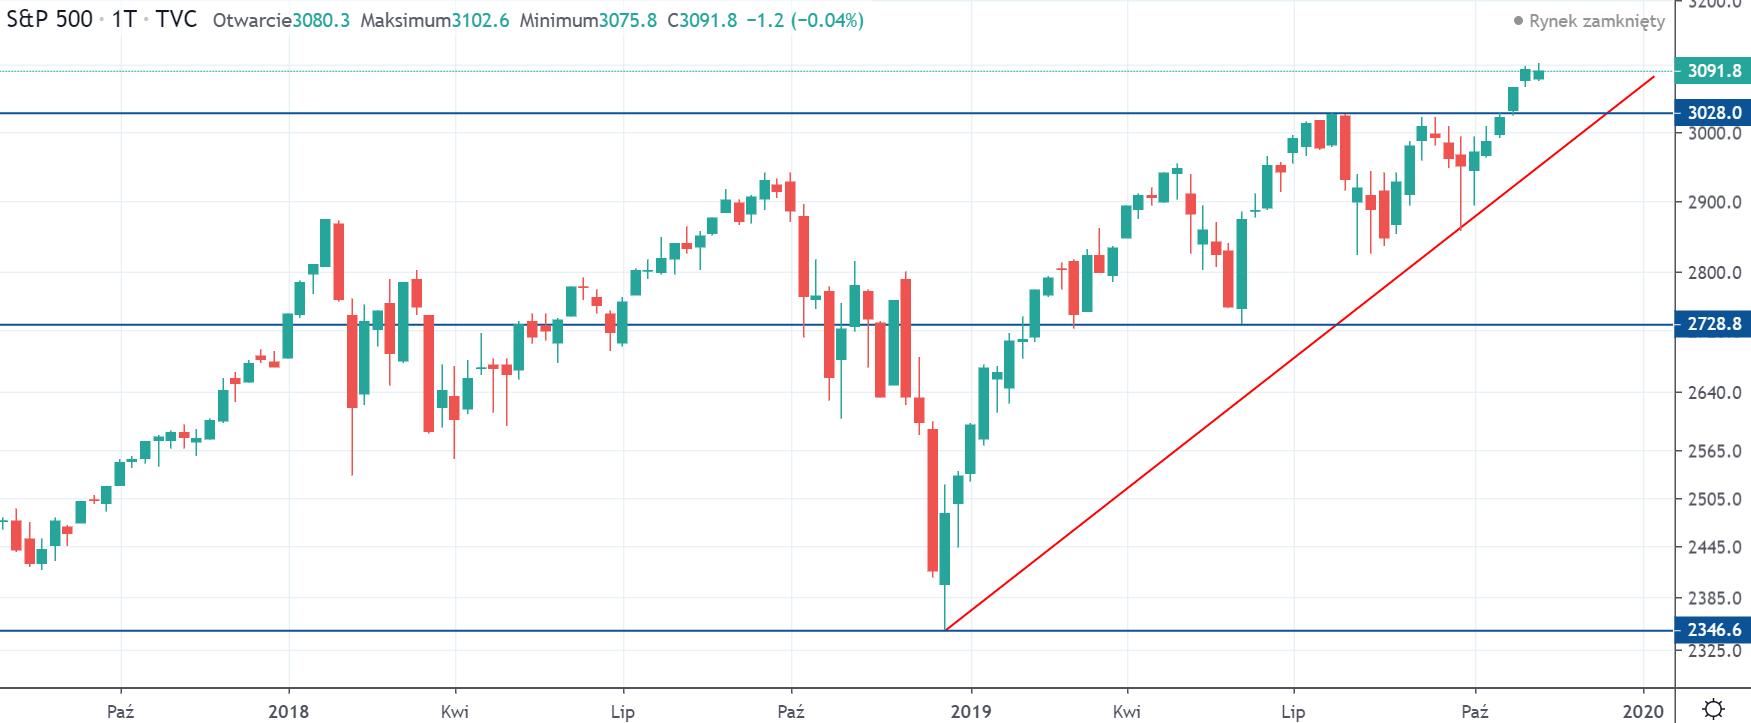 Indeks S&P500 w środę na interwale tygodniowym, tradingviewcom